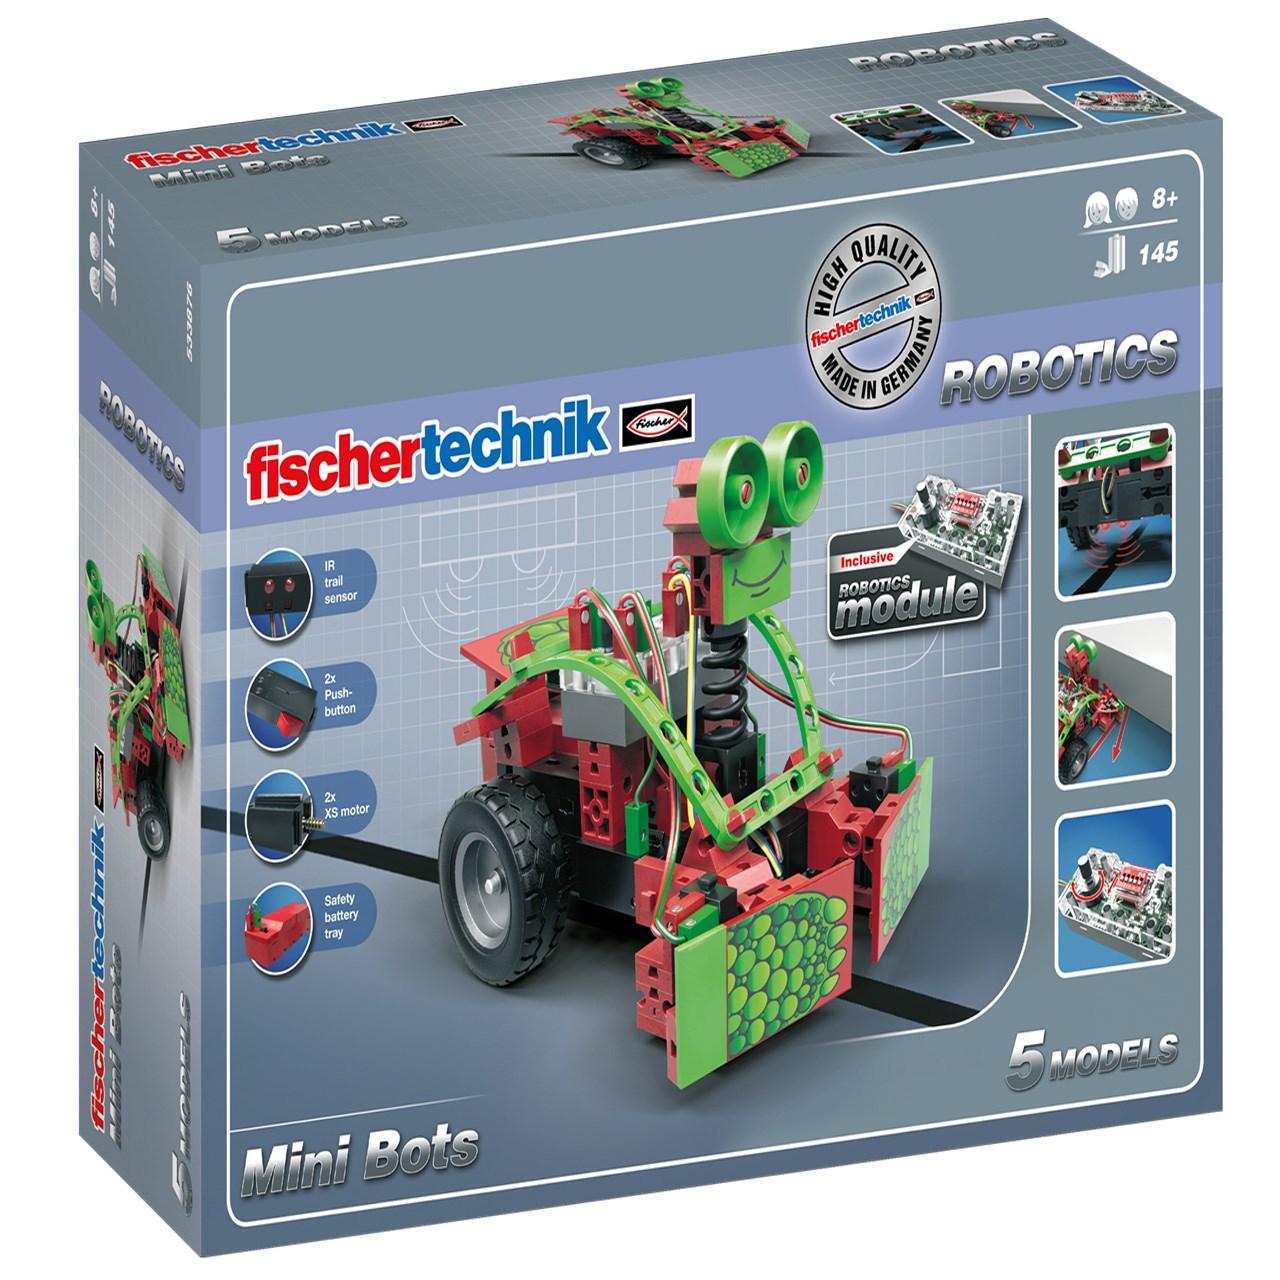 ساختنی فیشر تکنیک مدل Mini Bots 533876